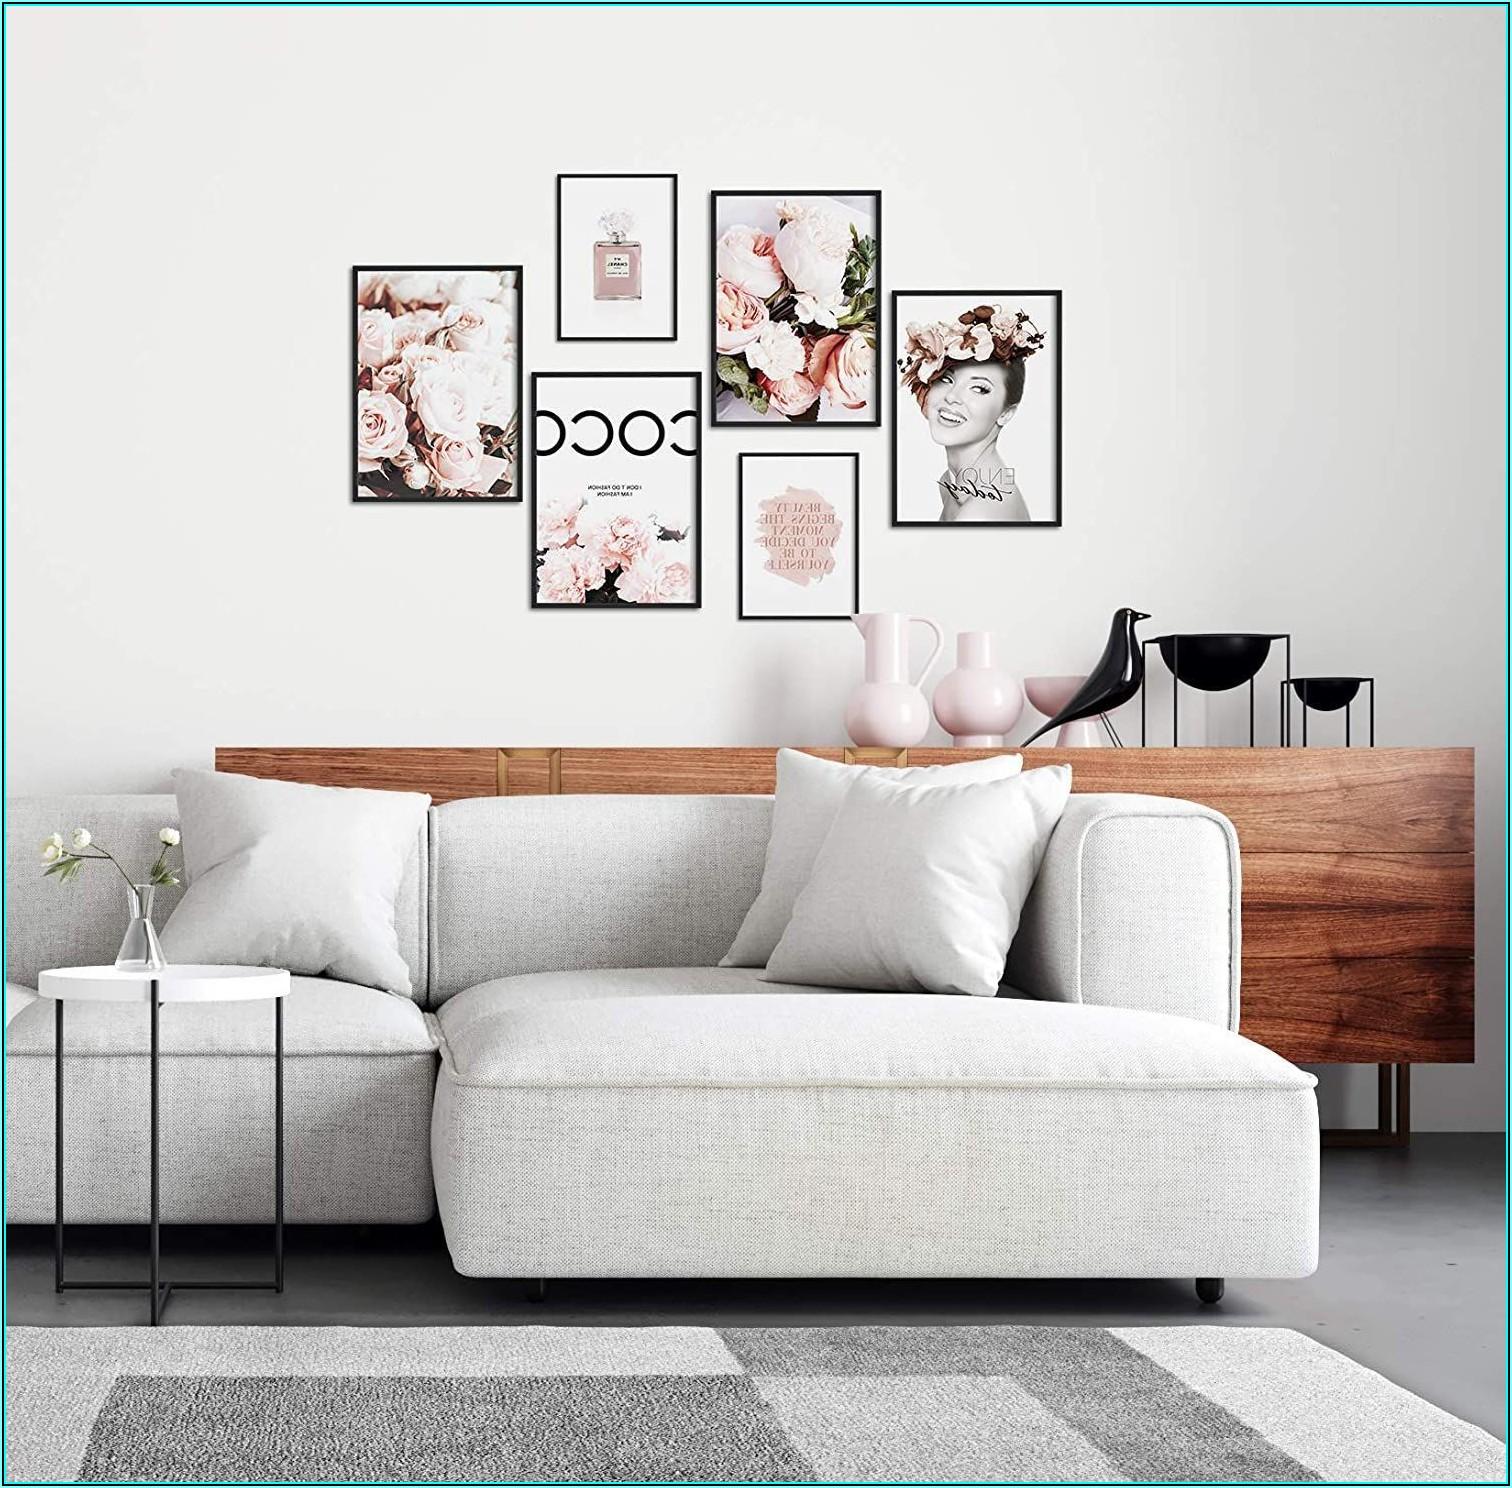 Bilder Für Wohnzimmer Mit Rahmen